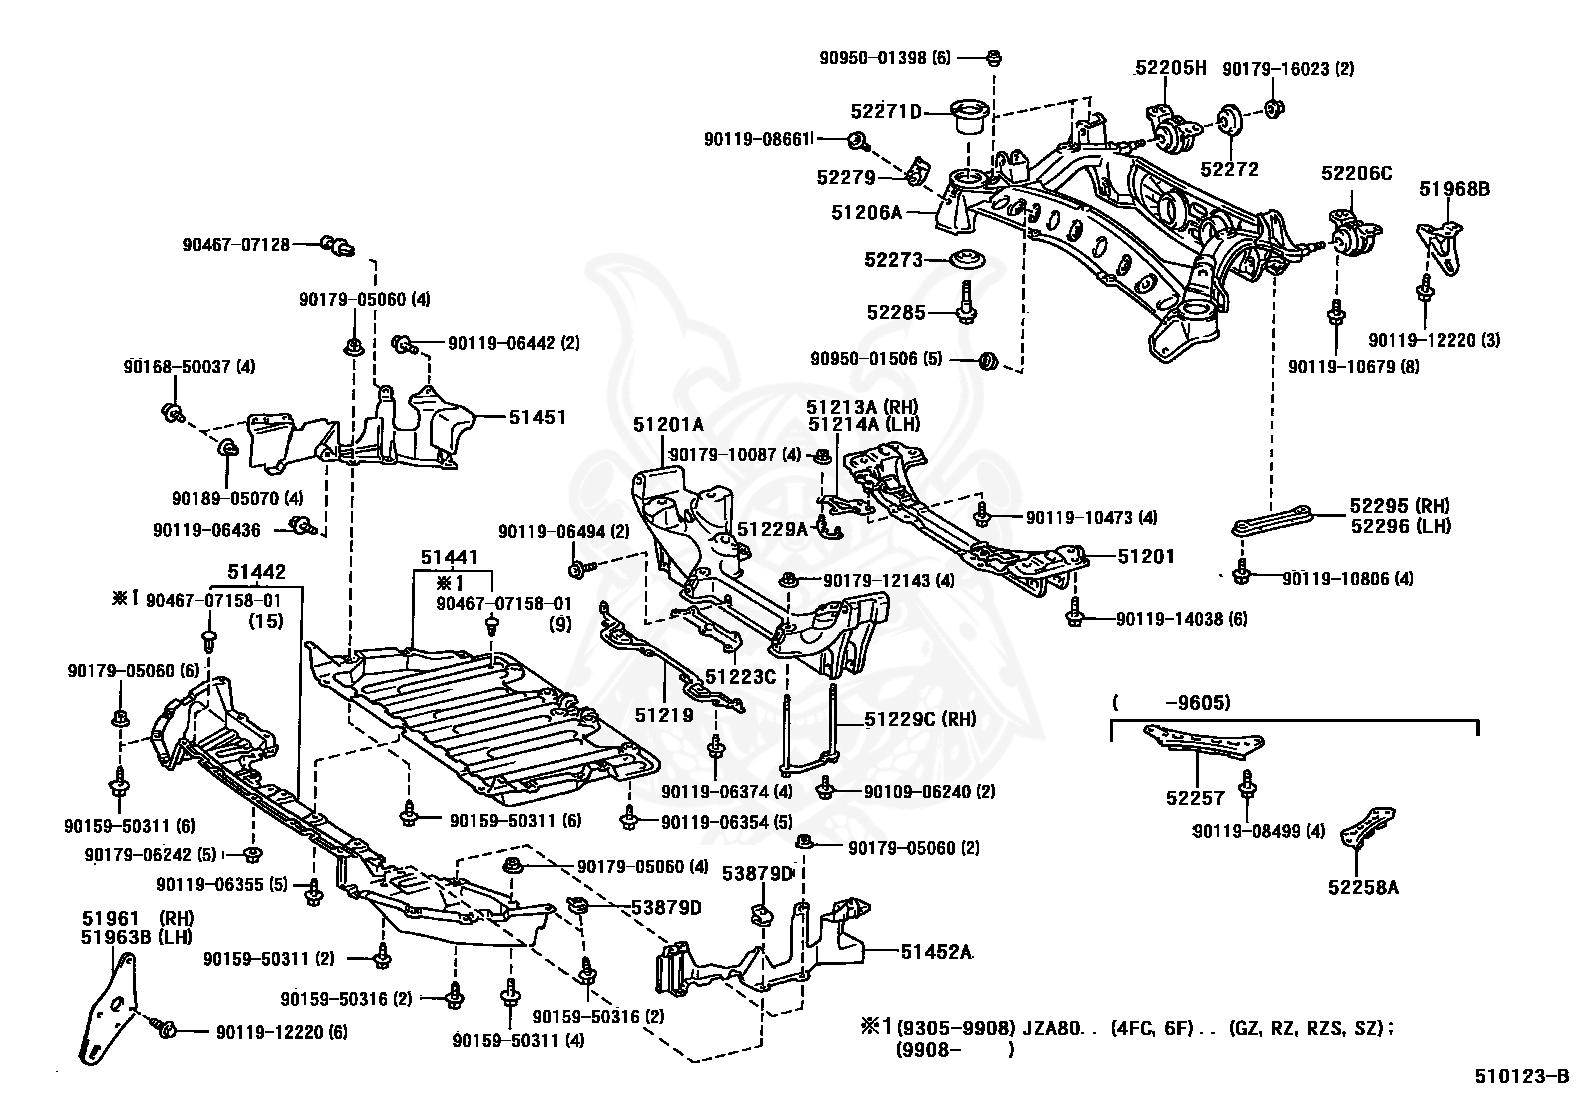 31 Turbo 350 Valve Body Diagram